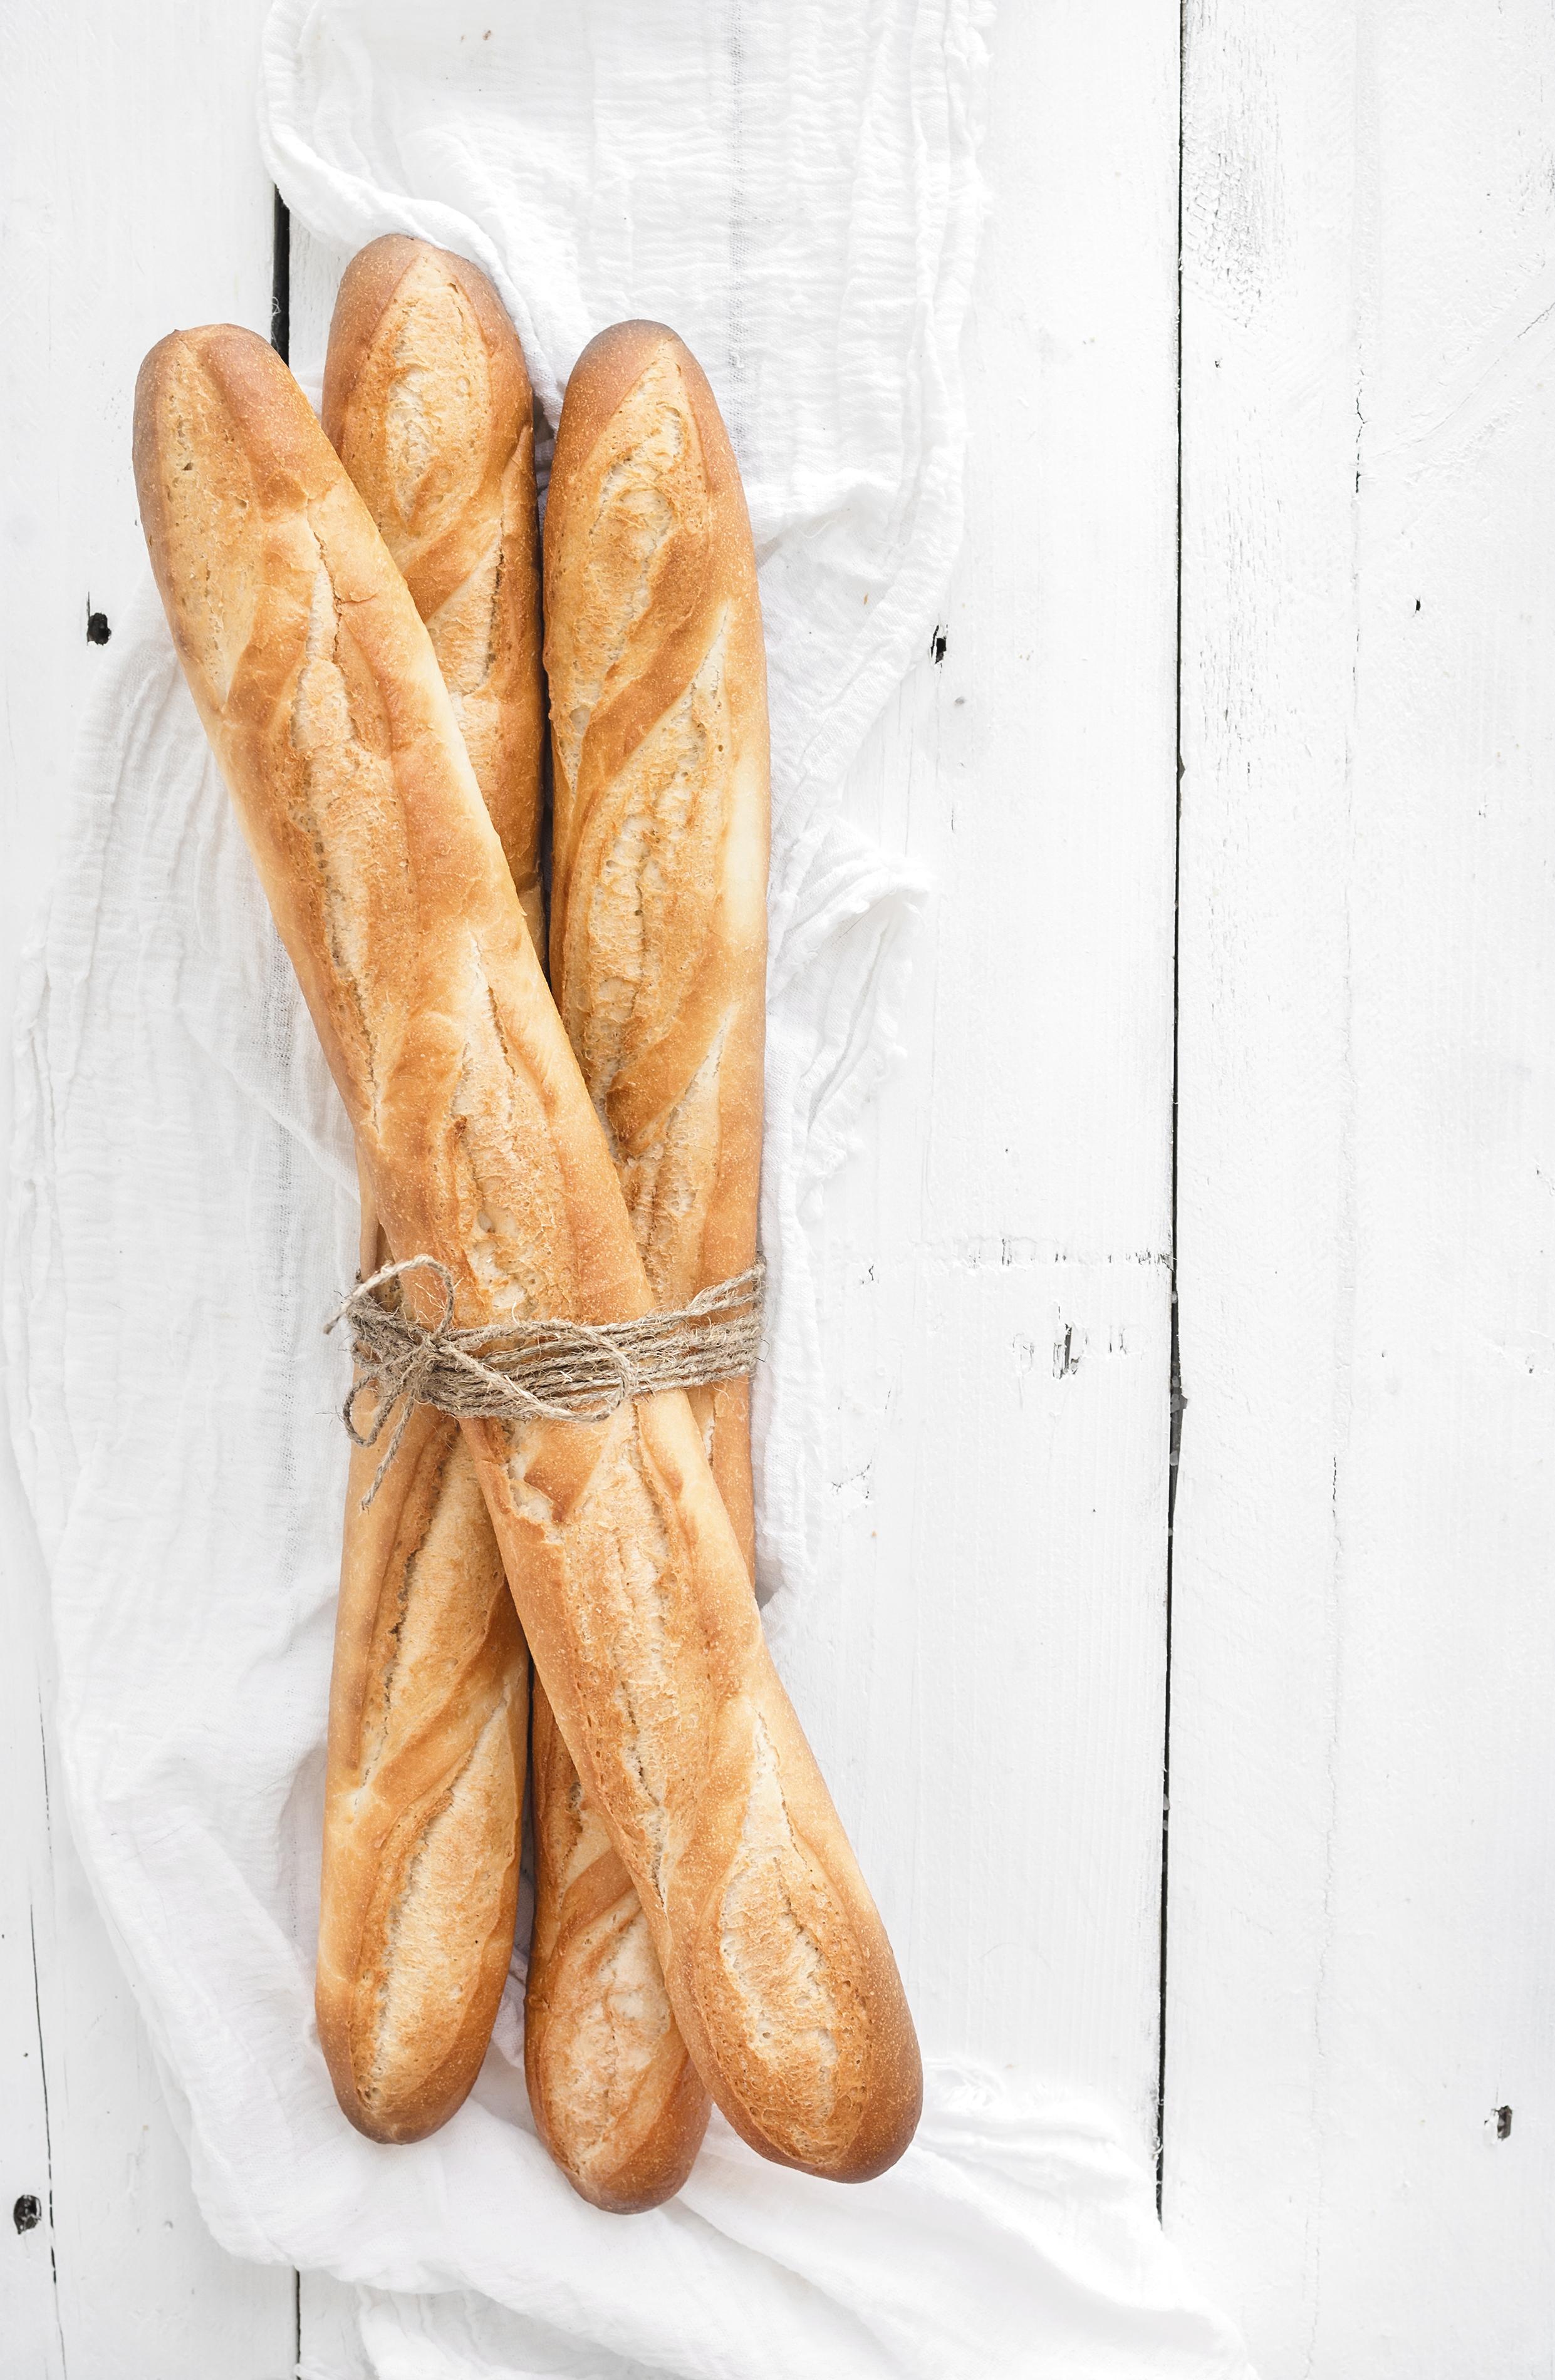 a bundle of baguettes